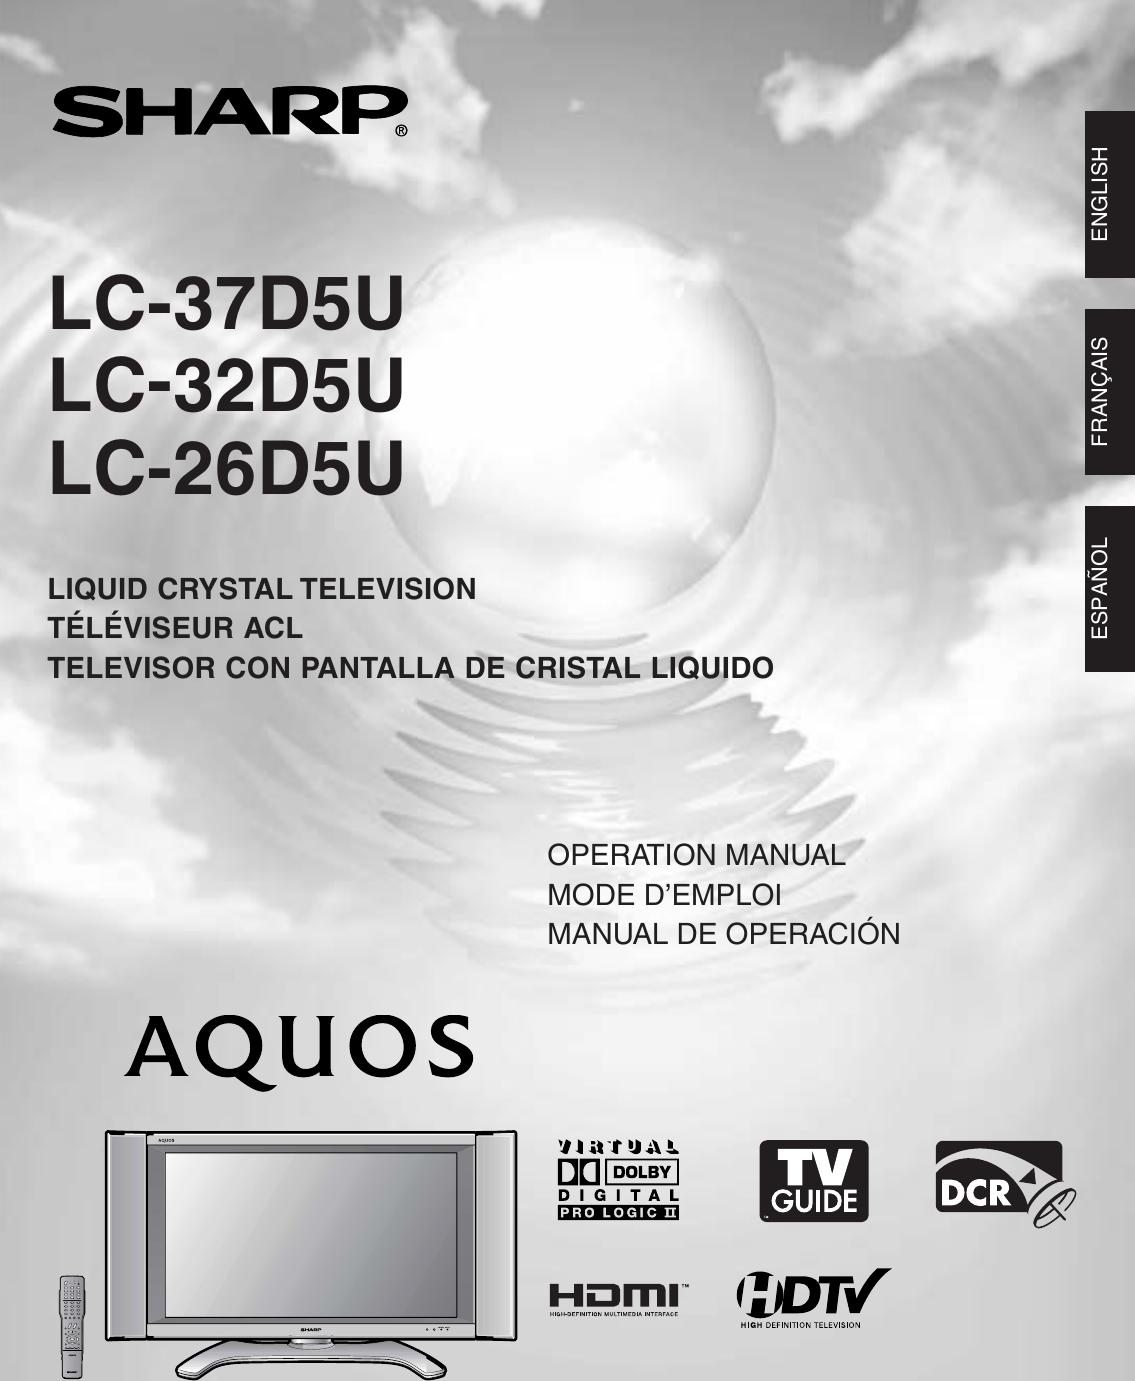 Sharp Aquos Lc 26D5U Users Manual 37D5U   32D5U Operation